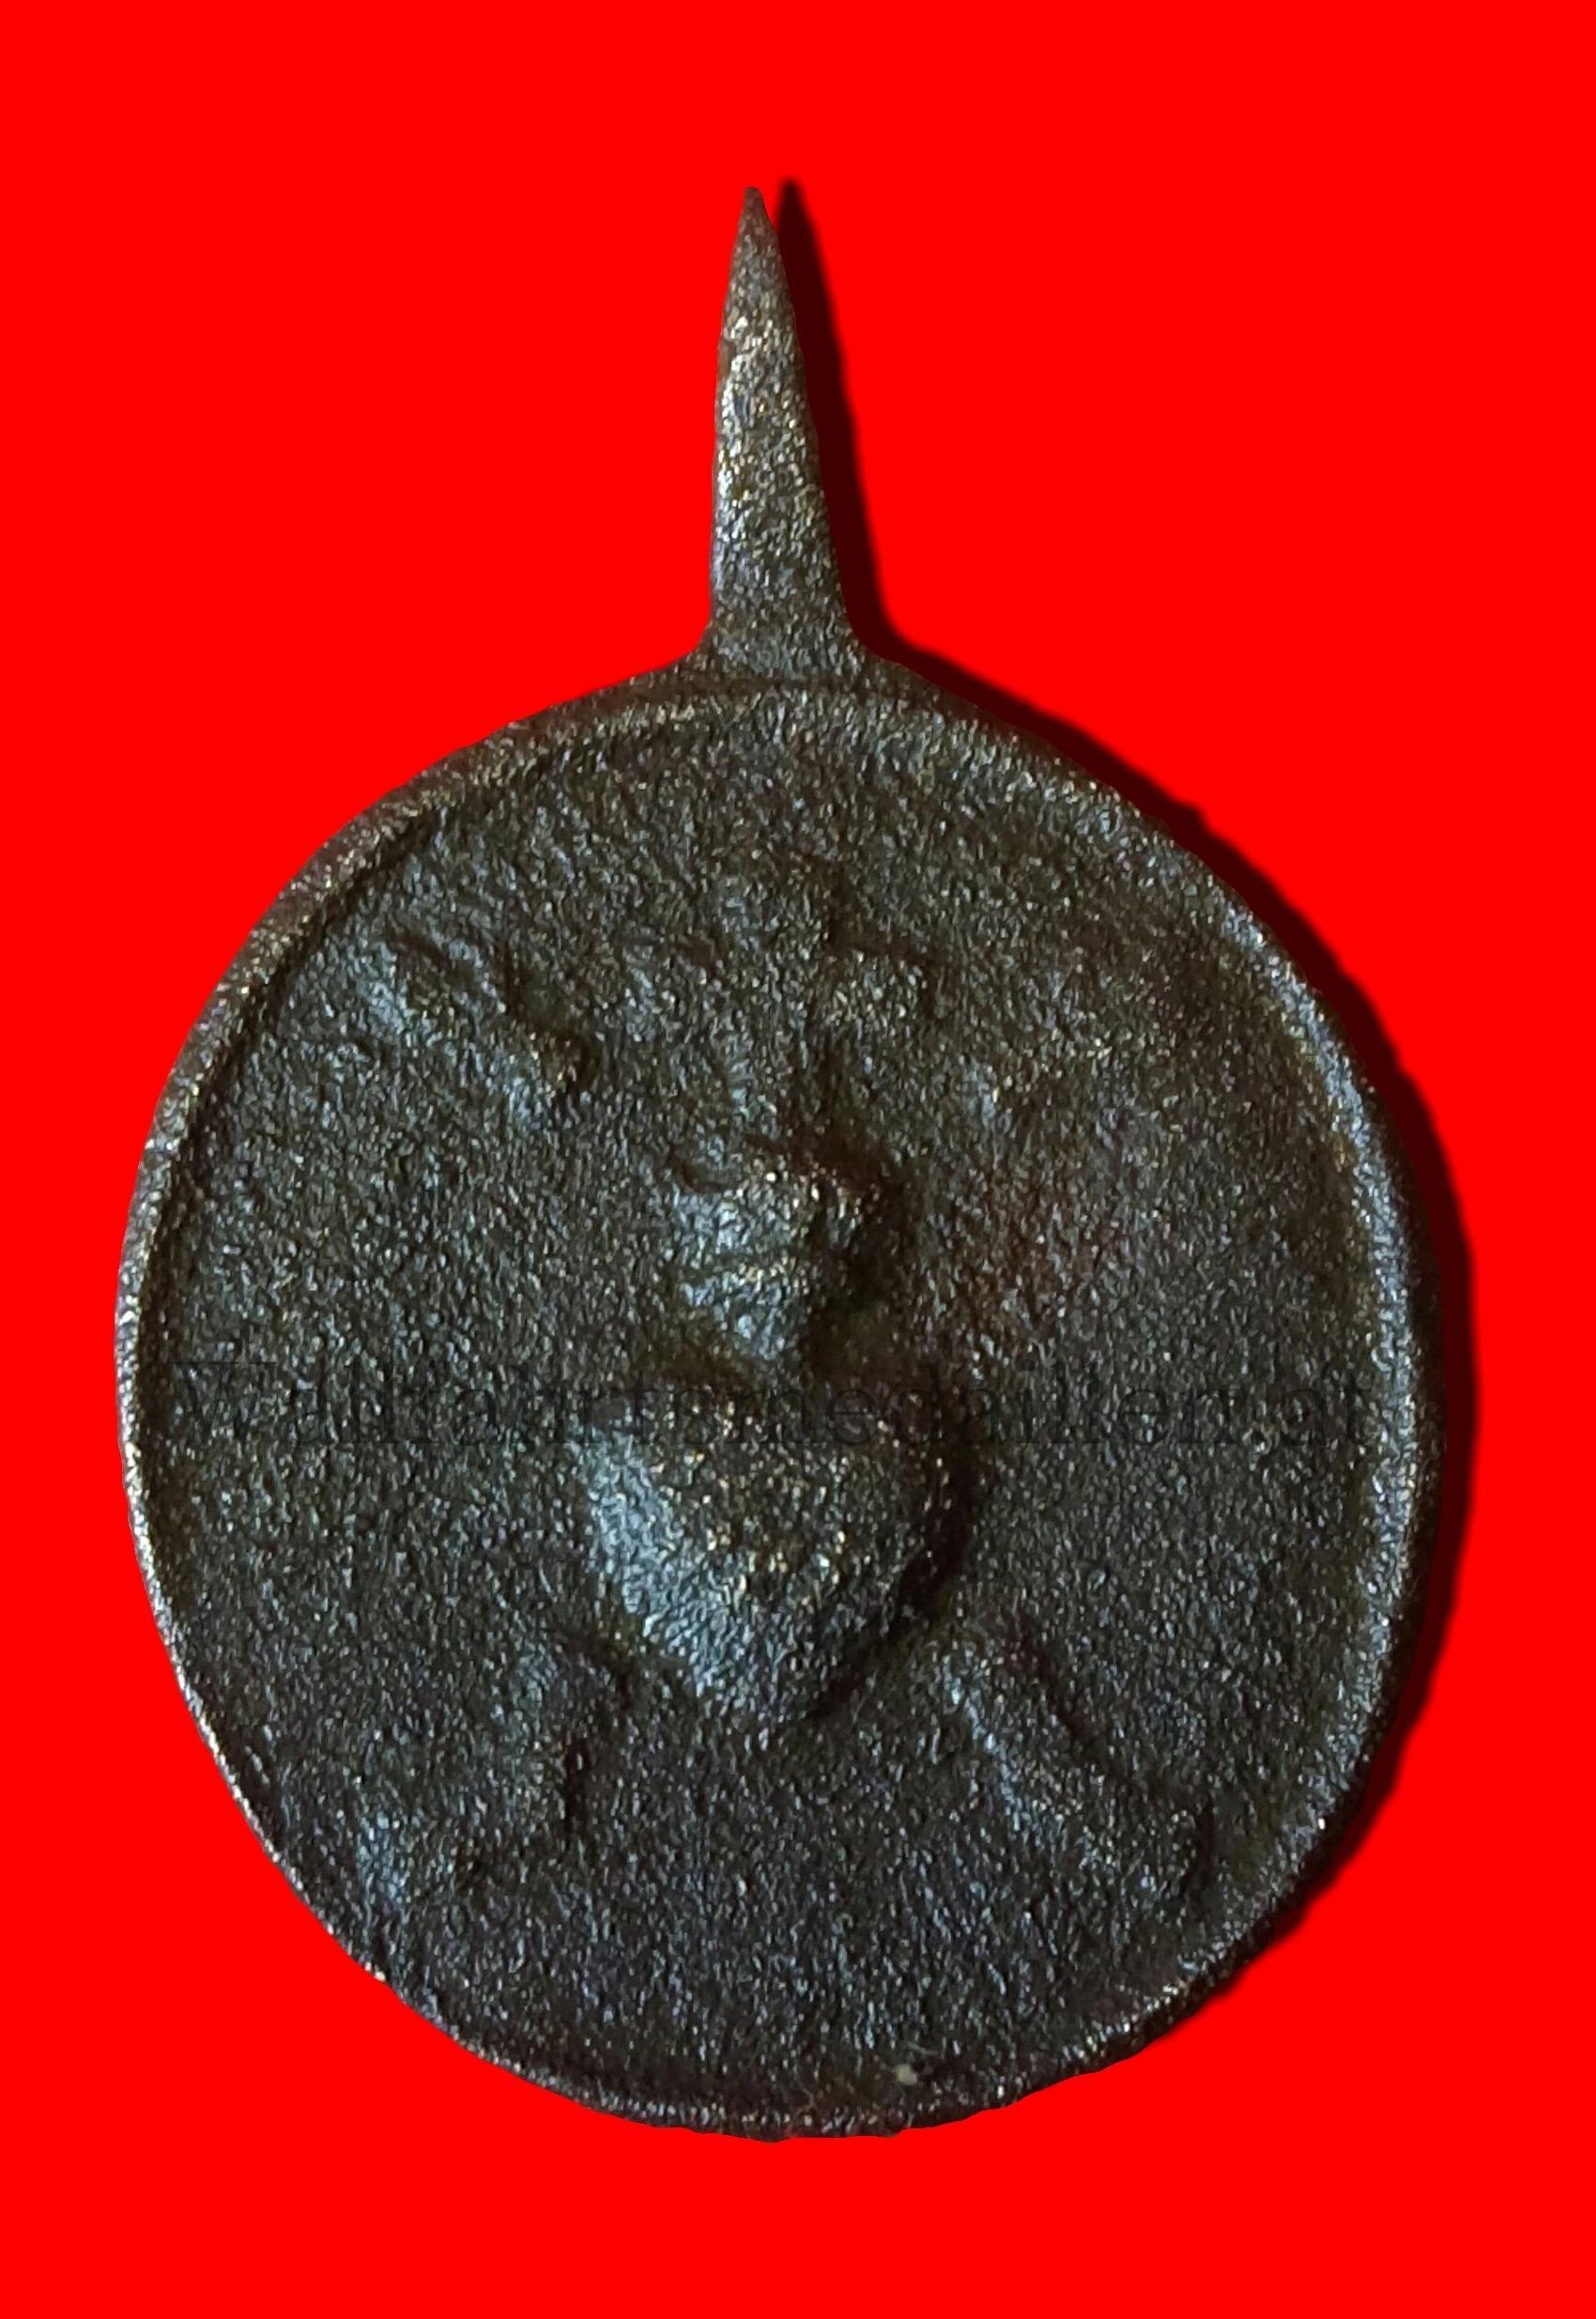 Das Zeichen der 1767 gegründeten 5 Wundenbruderschaft.